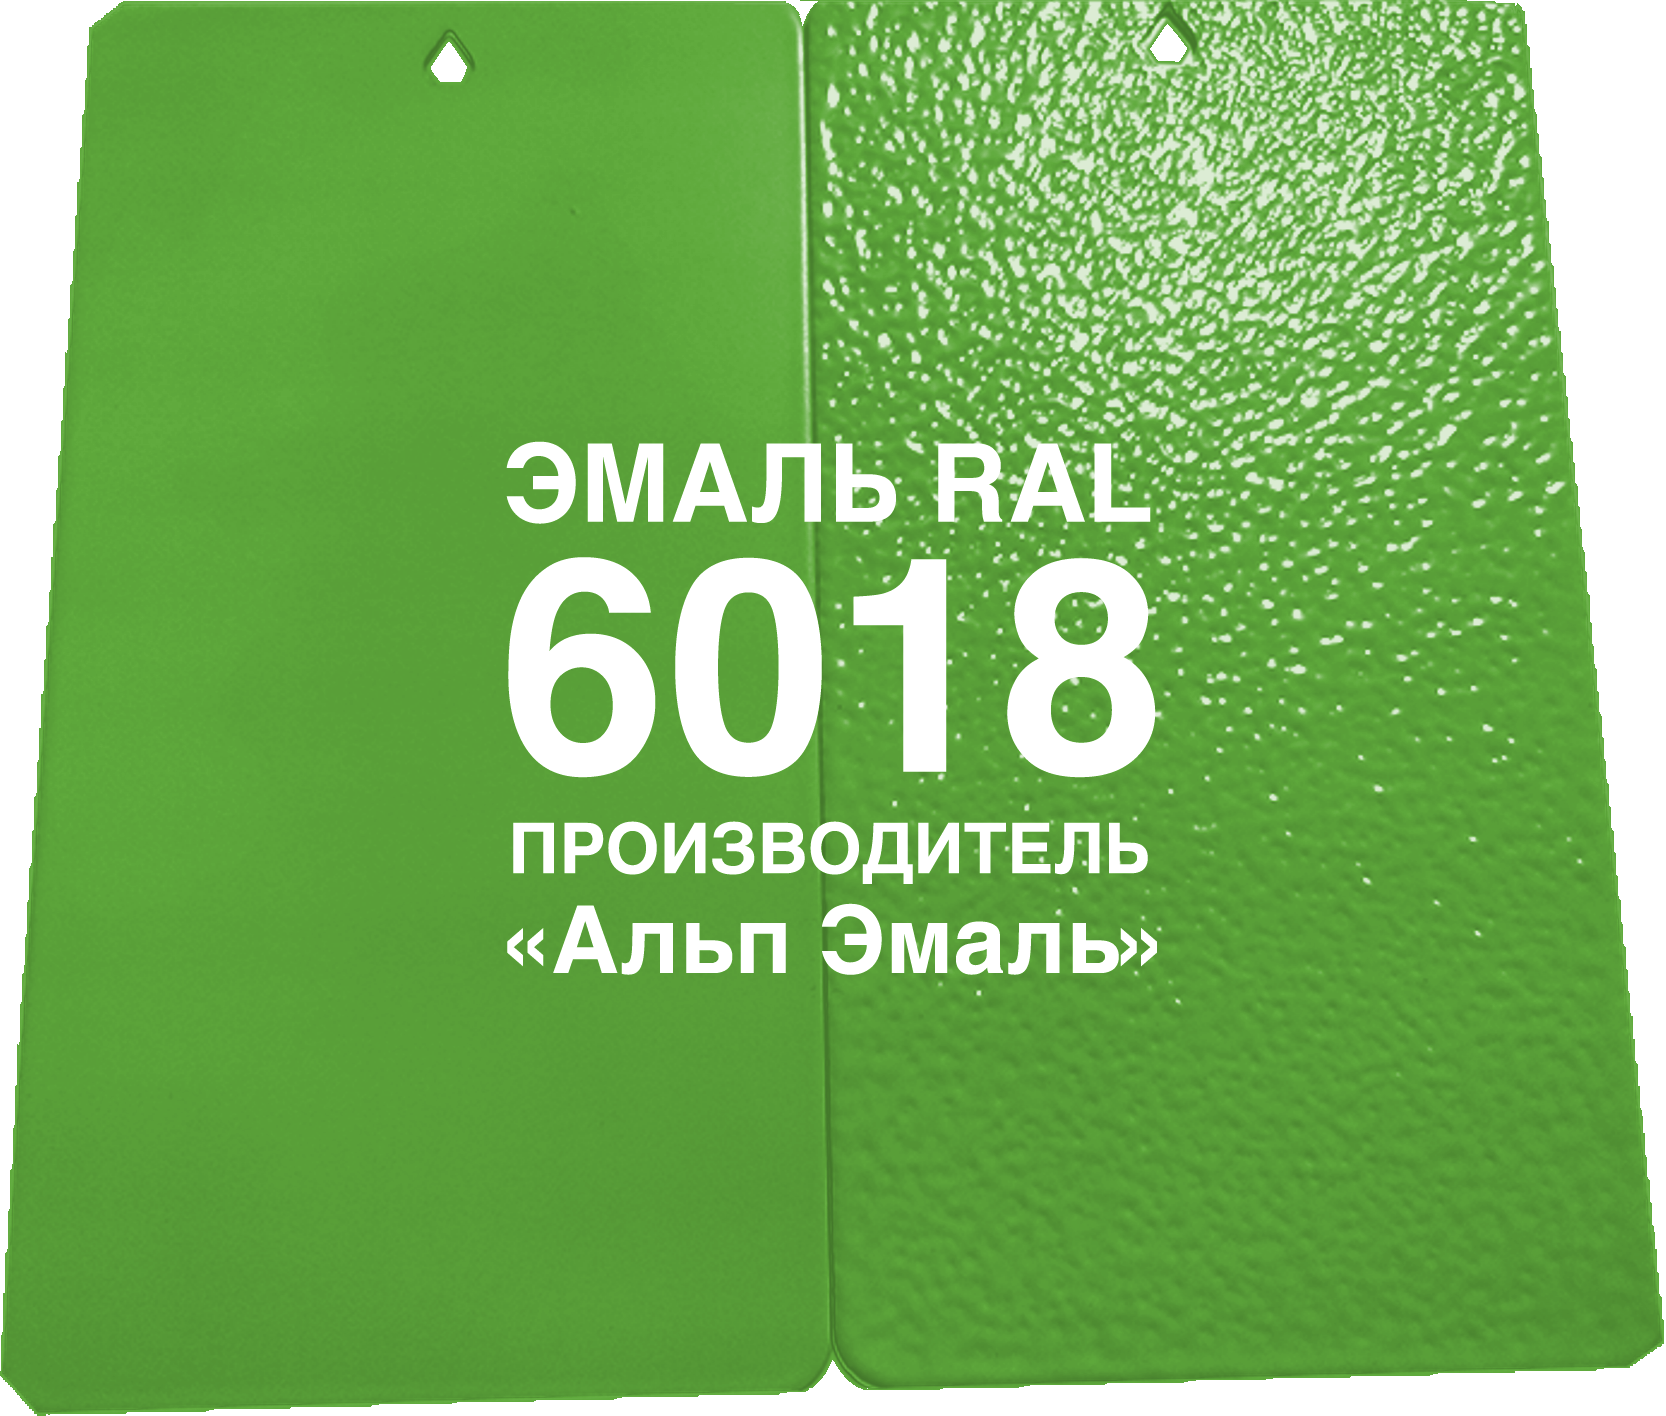 Краска эмаль RAL 6018 зеленая ЗАО Альп Эмаль